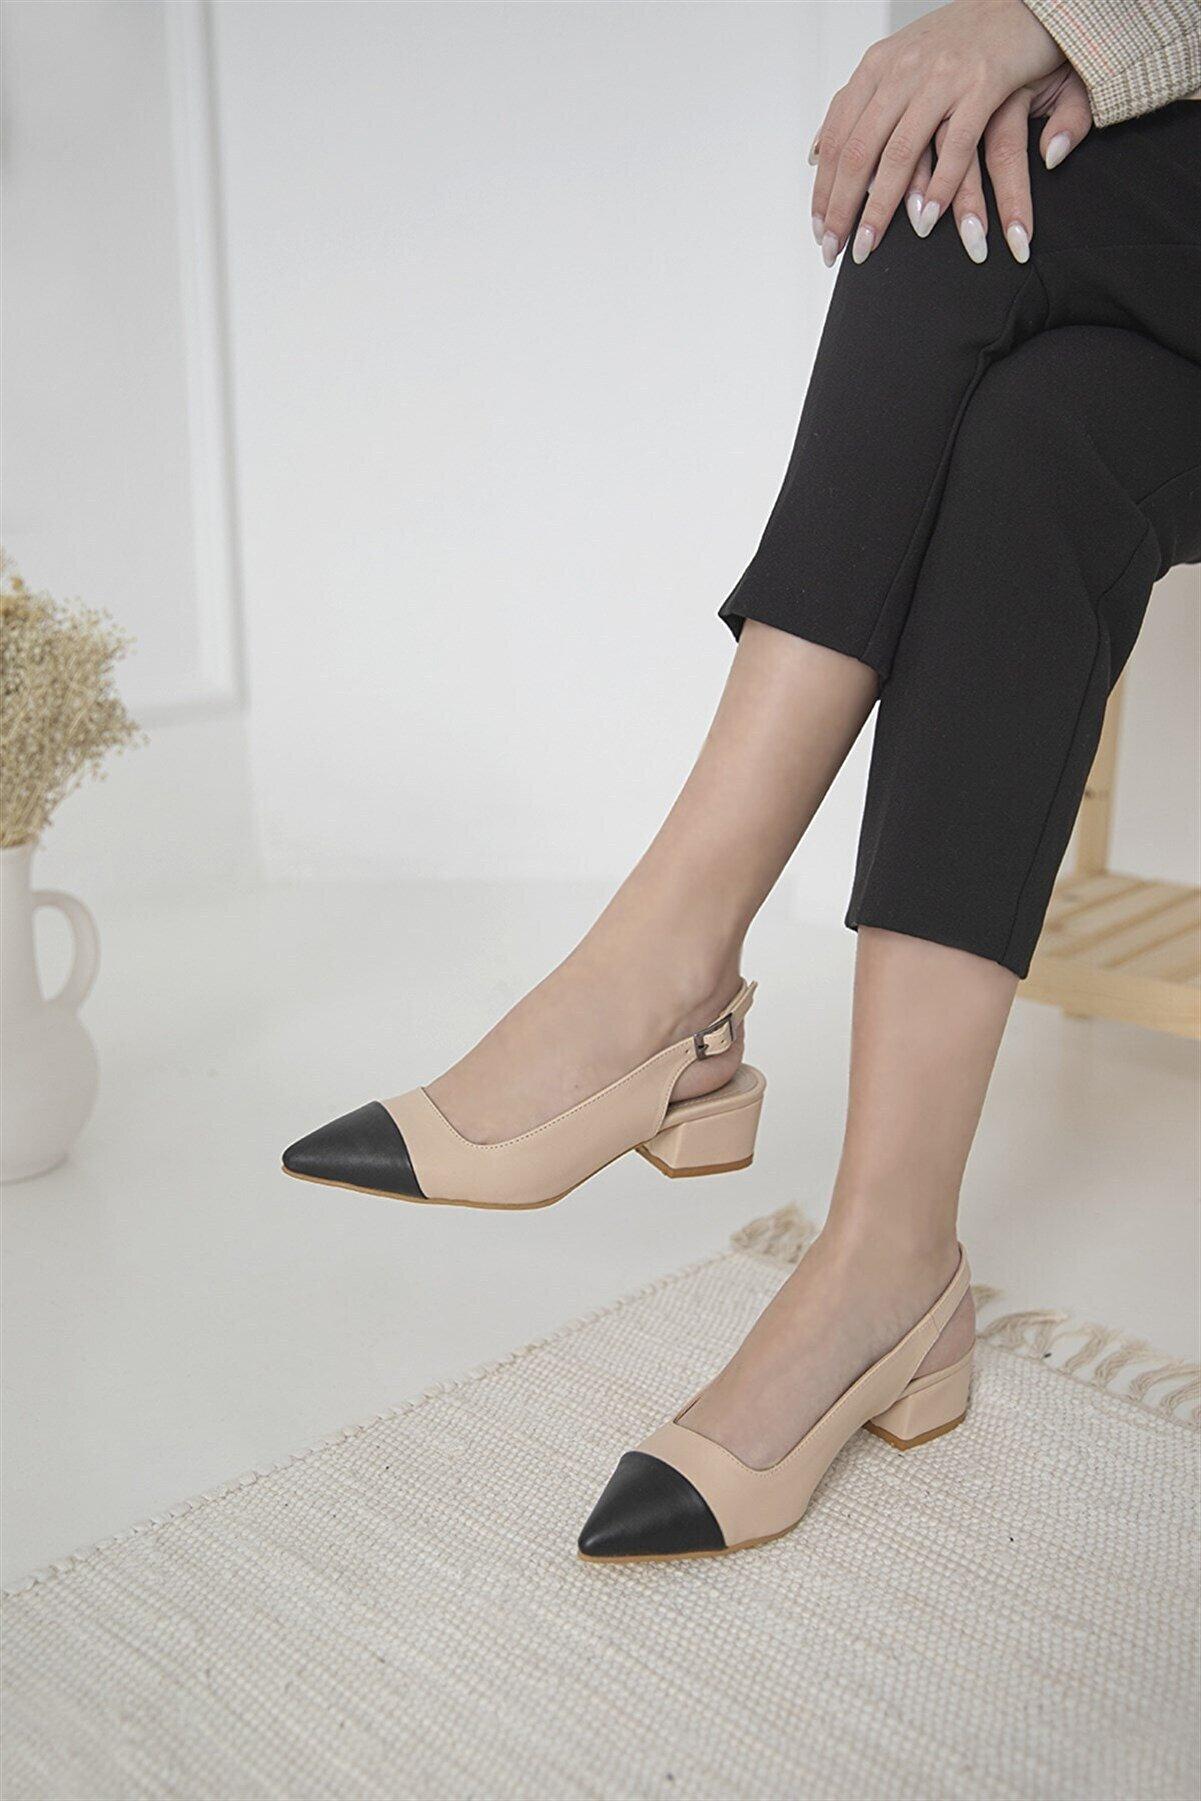 Straswans Leila Bayan Topuklu Ayakkabı Ten-siyah